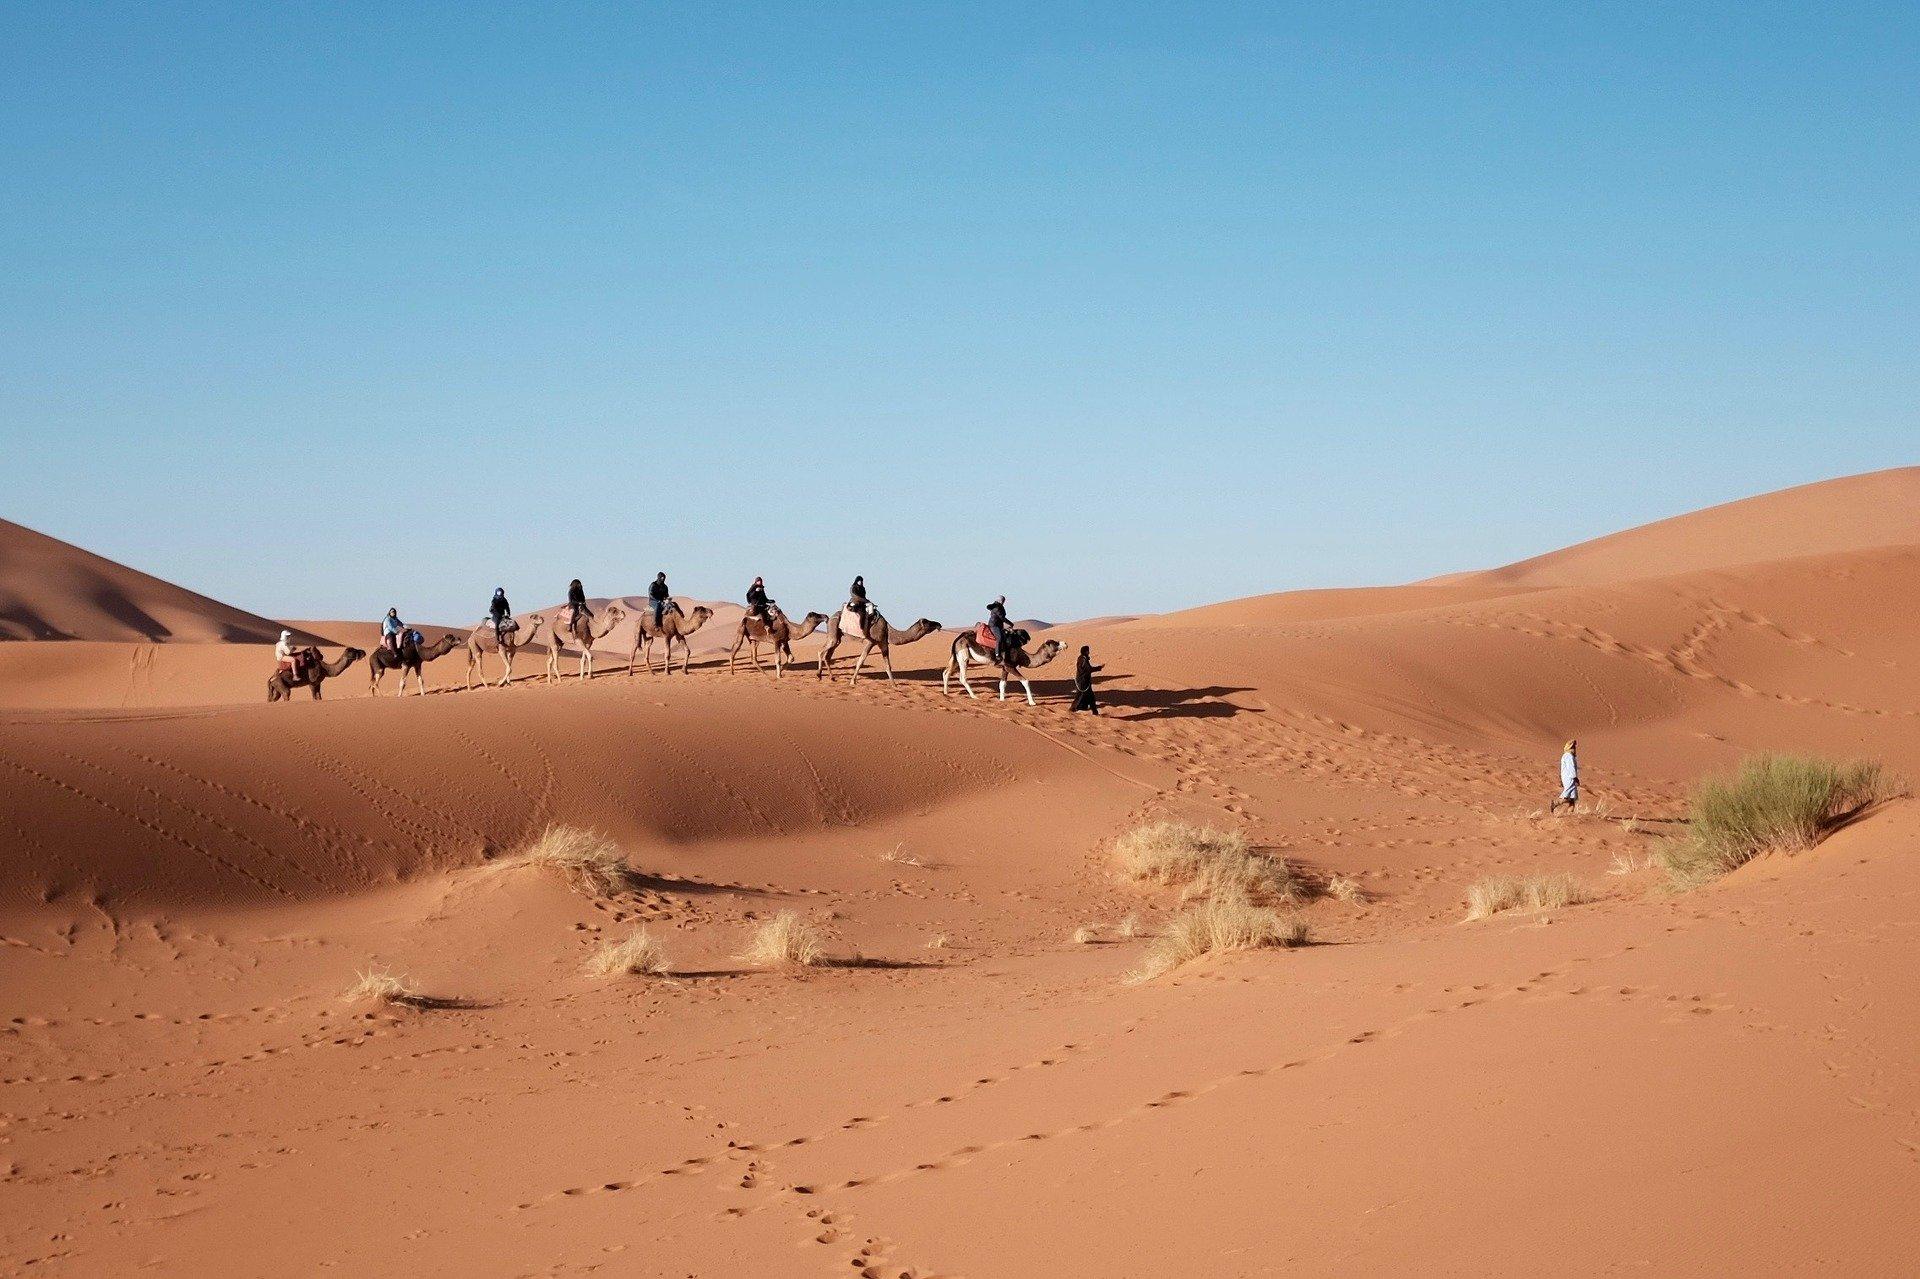 Die Wüste in Ägypten